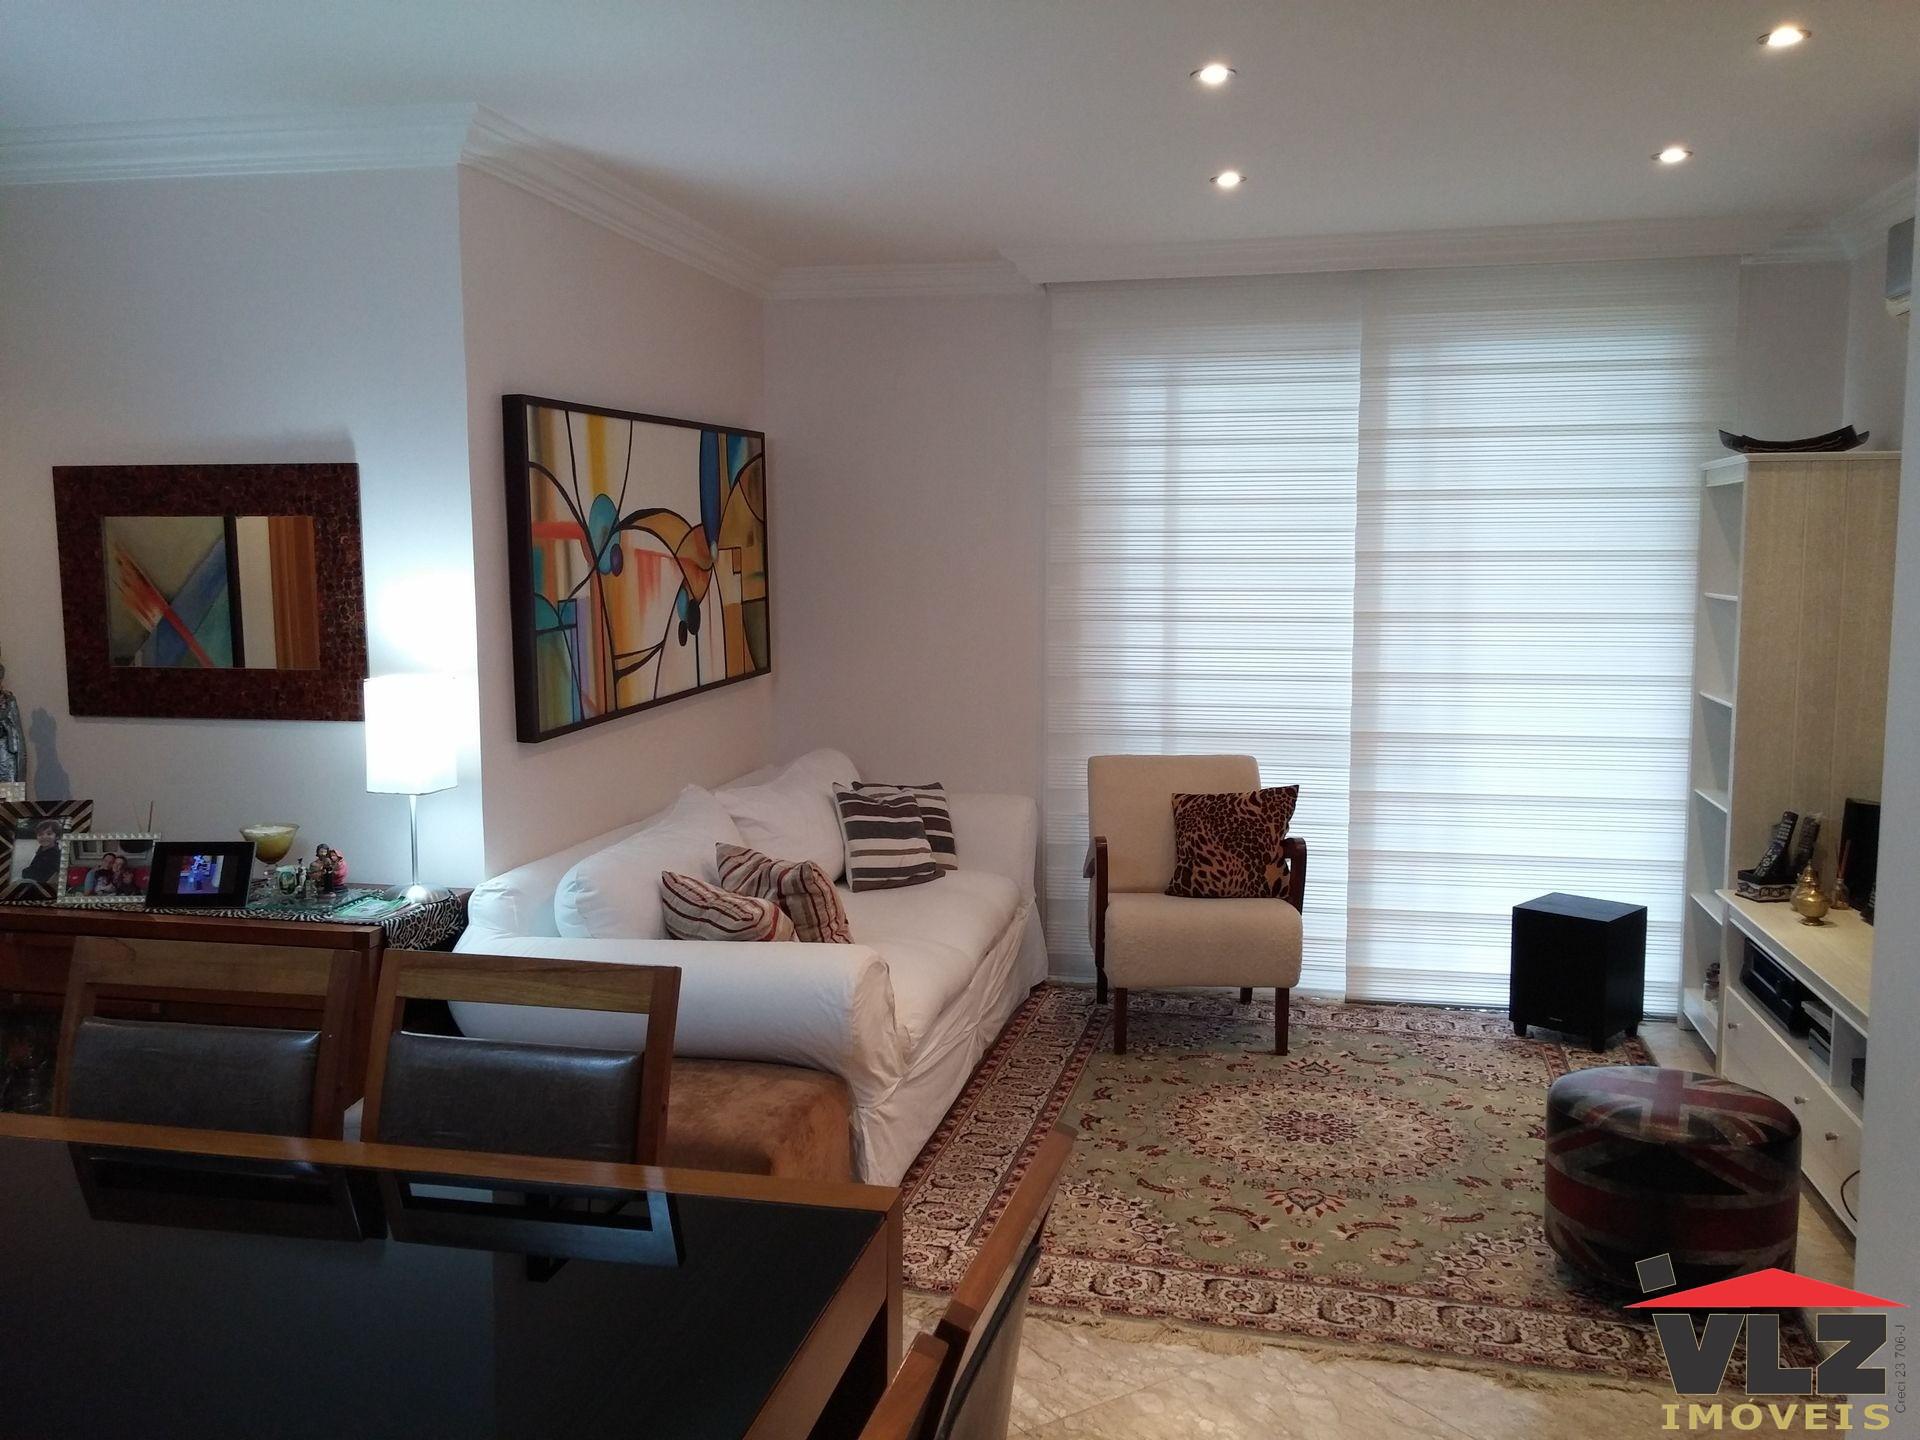 comprar ou alugar apartamento no bairro aclimacao na cidade de sao paulo-sp